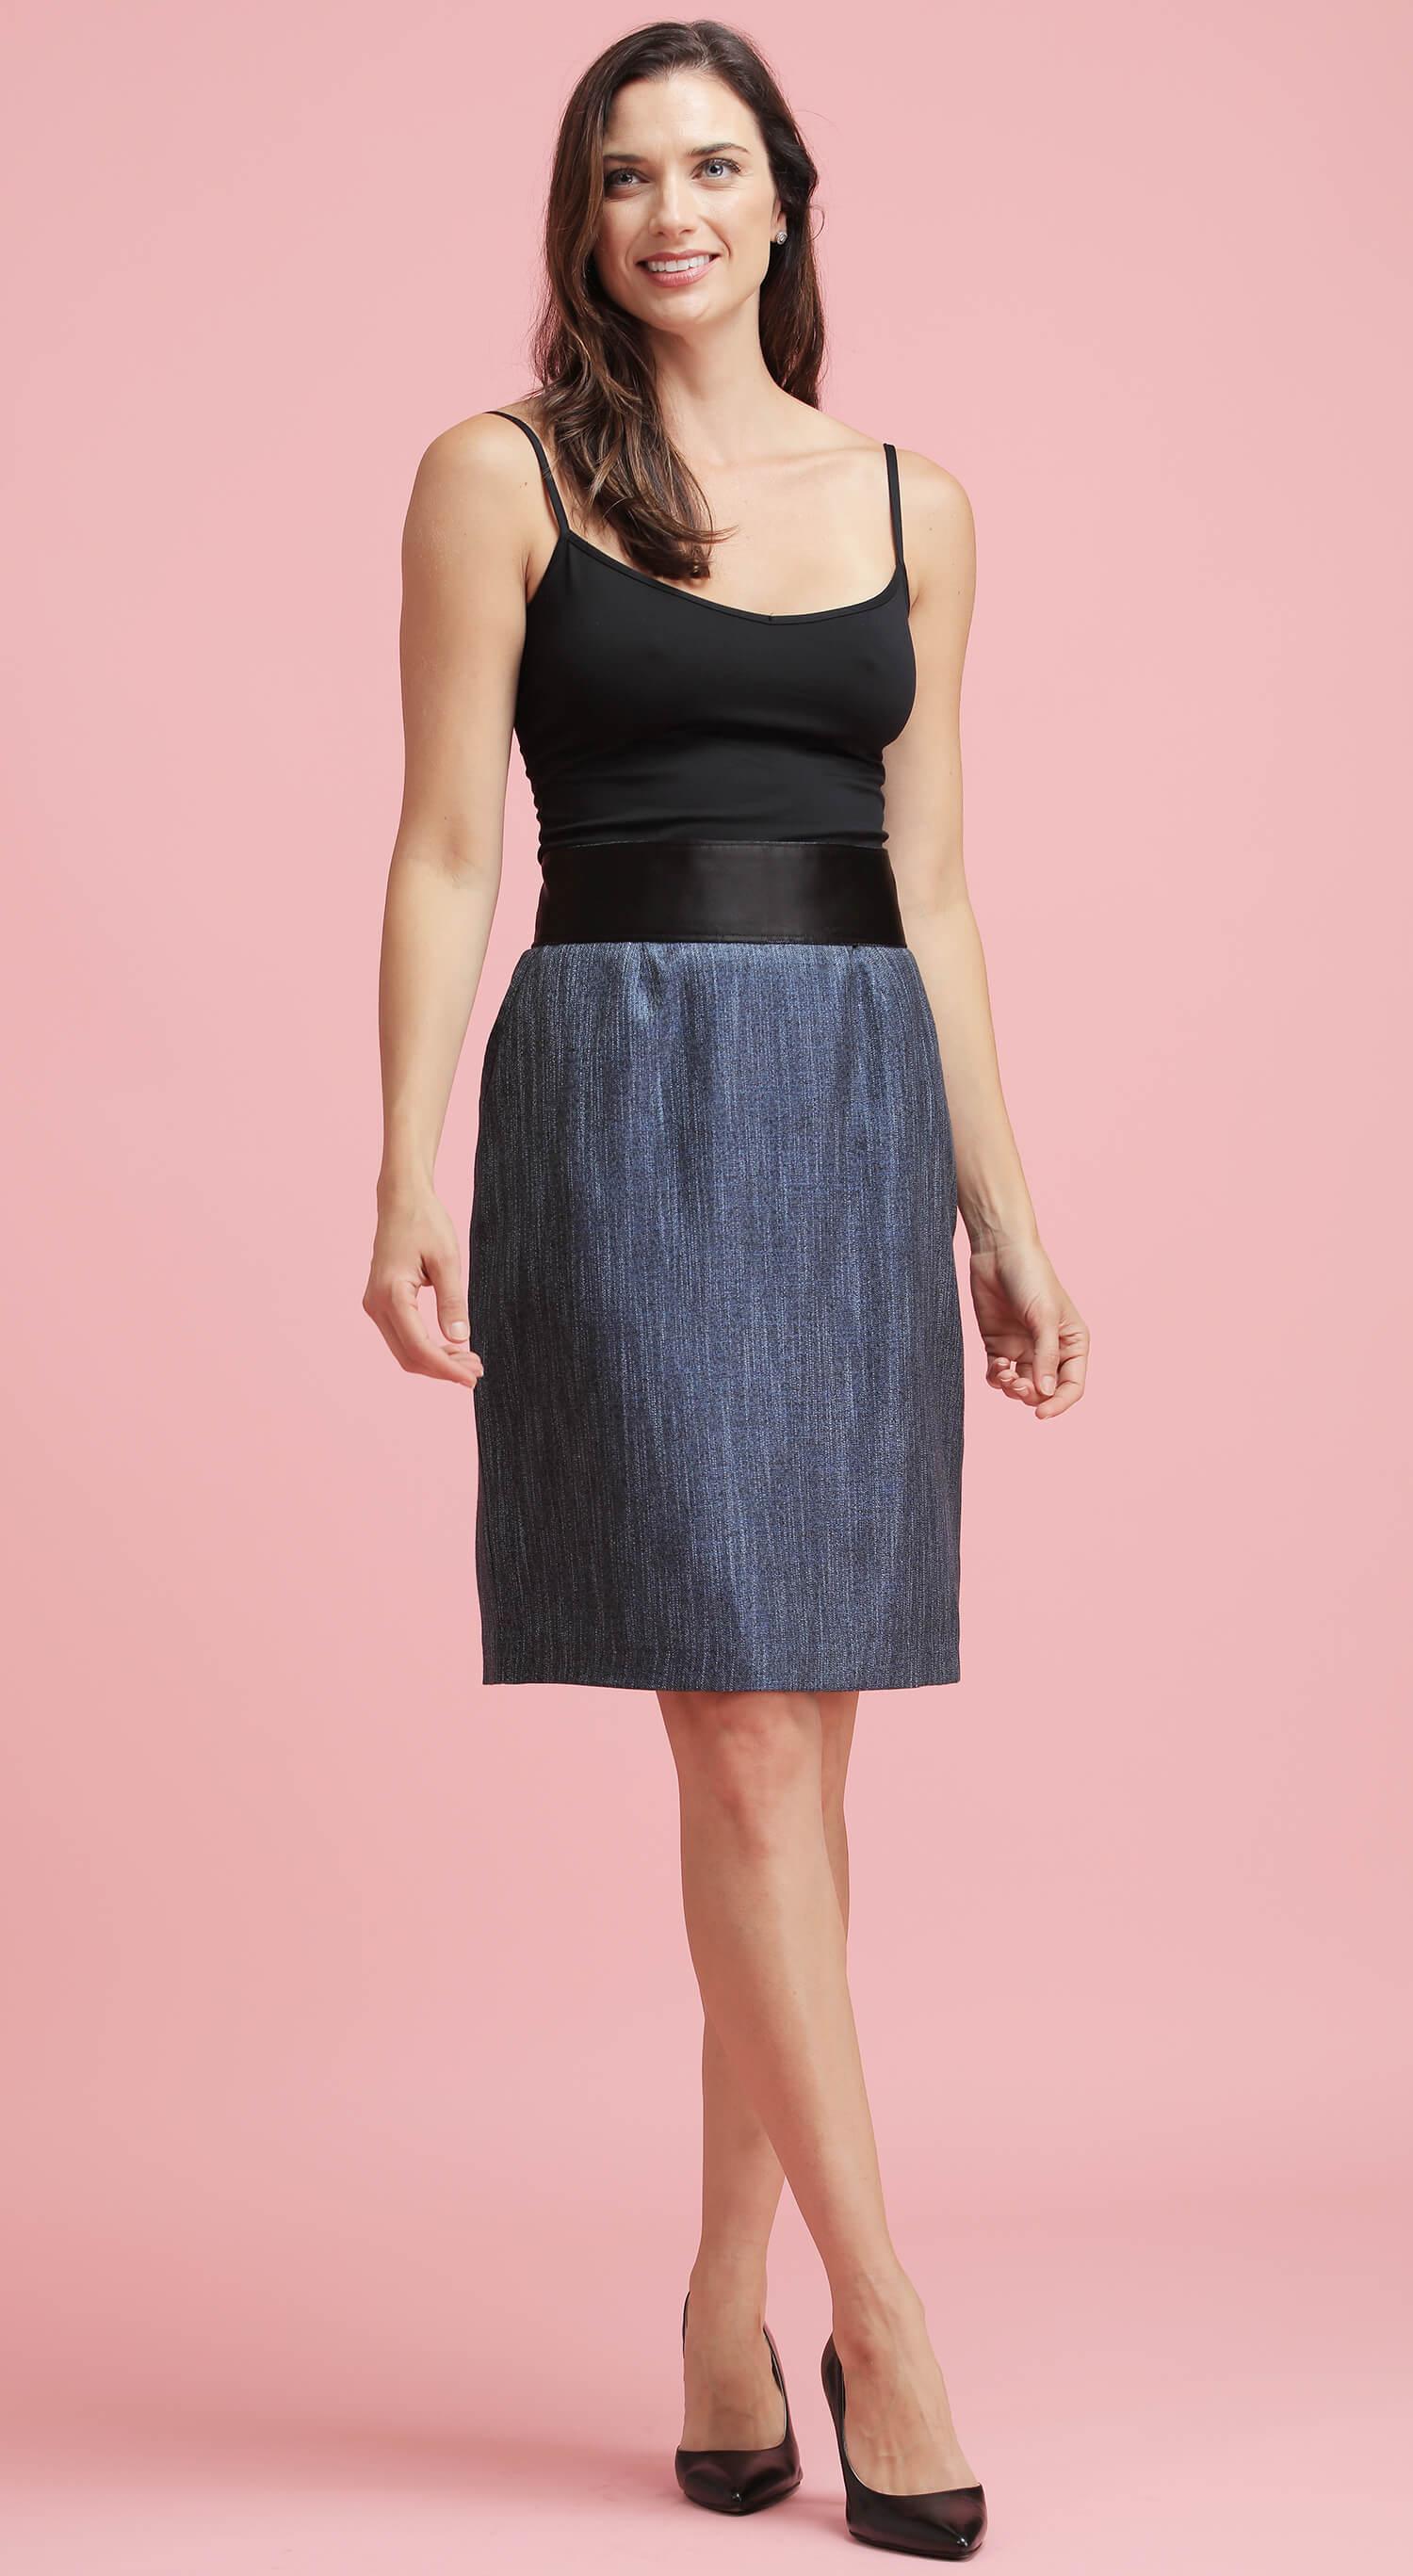 The Blue Bamboo Skirt